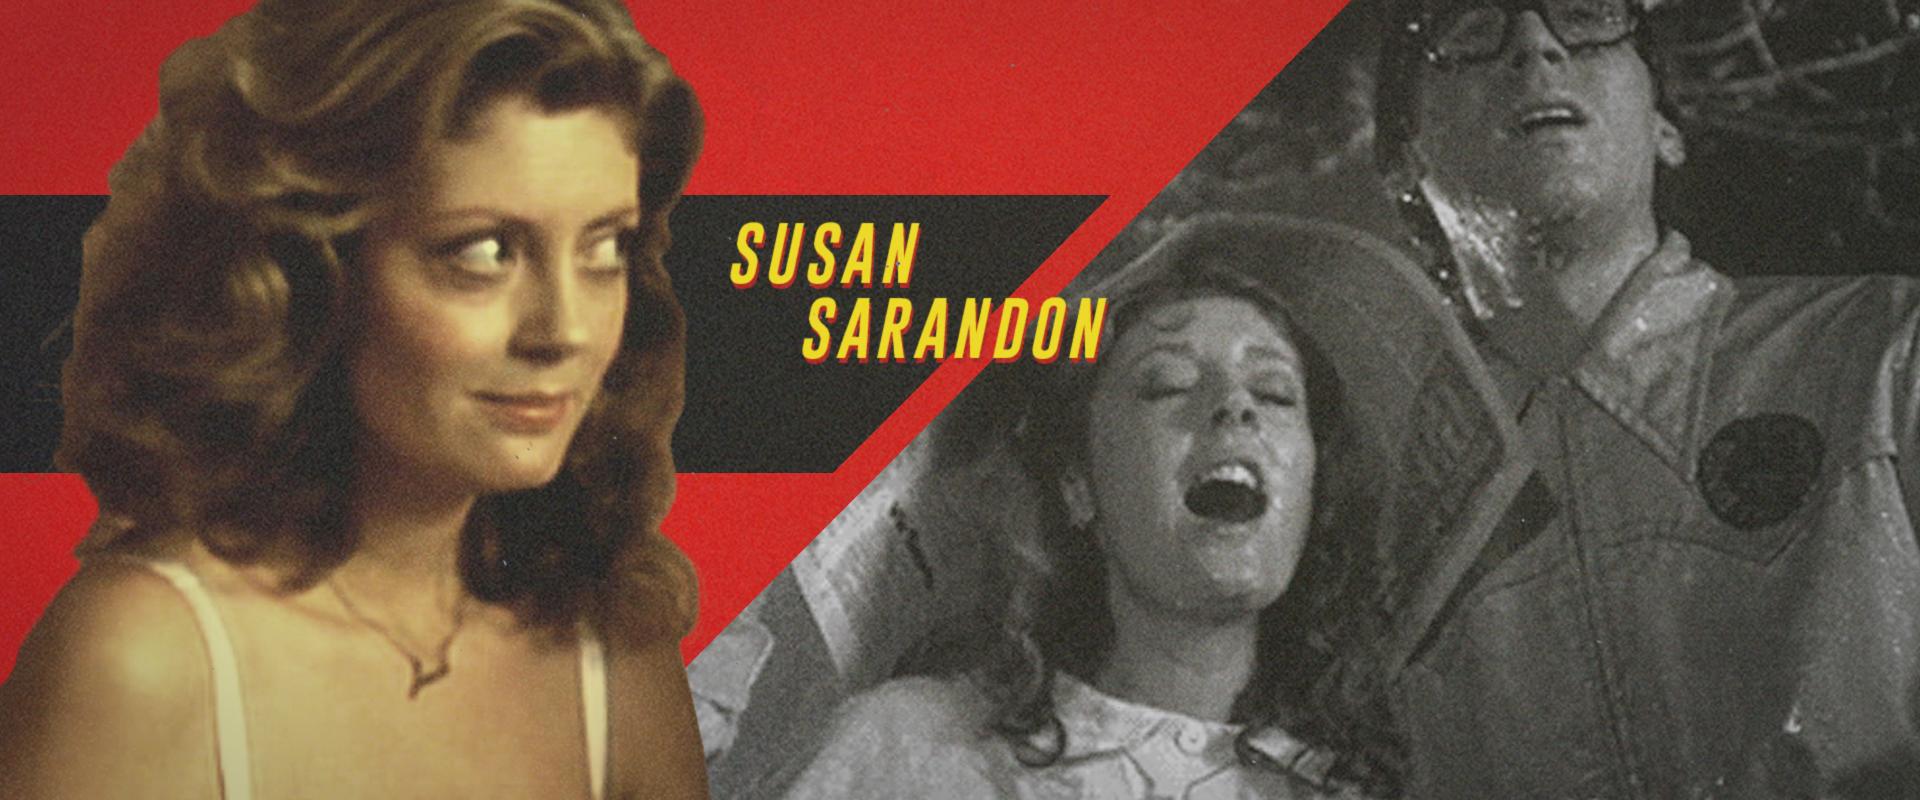 SusanSarandon.png